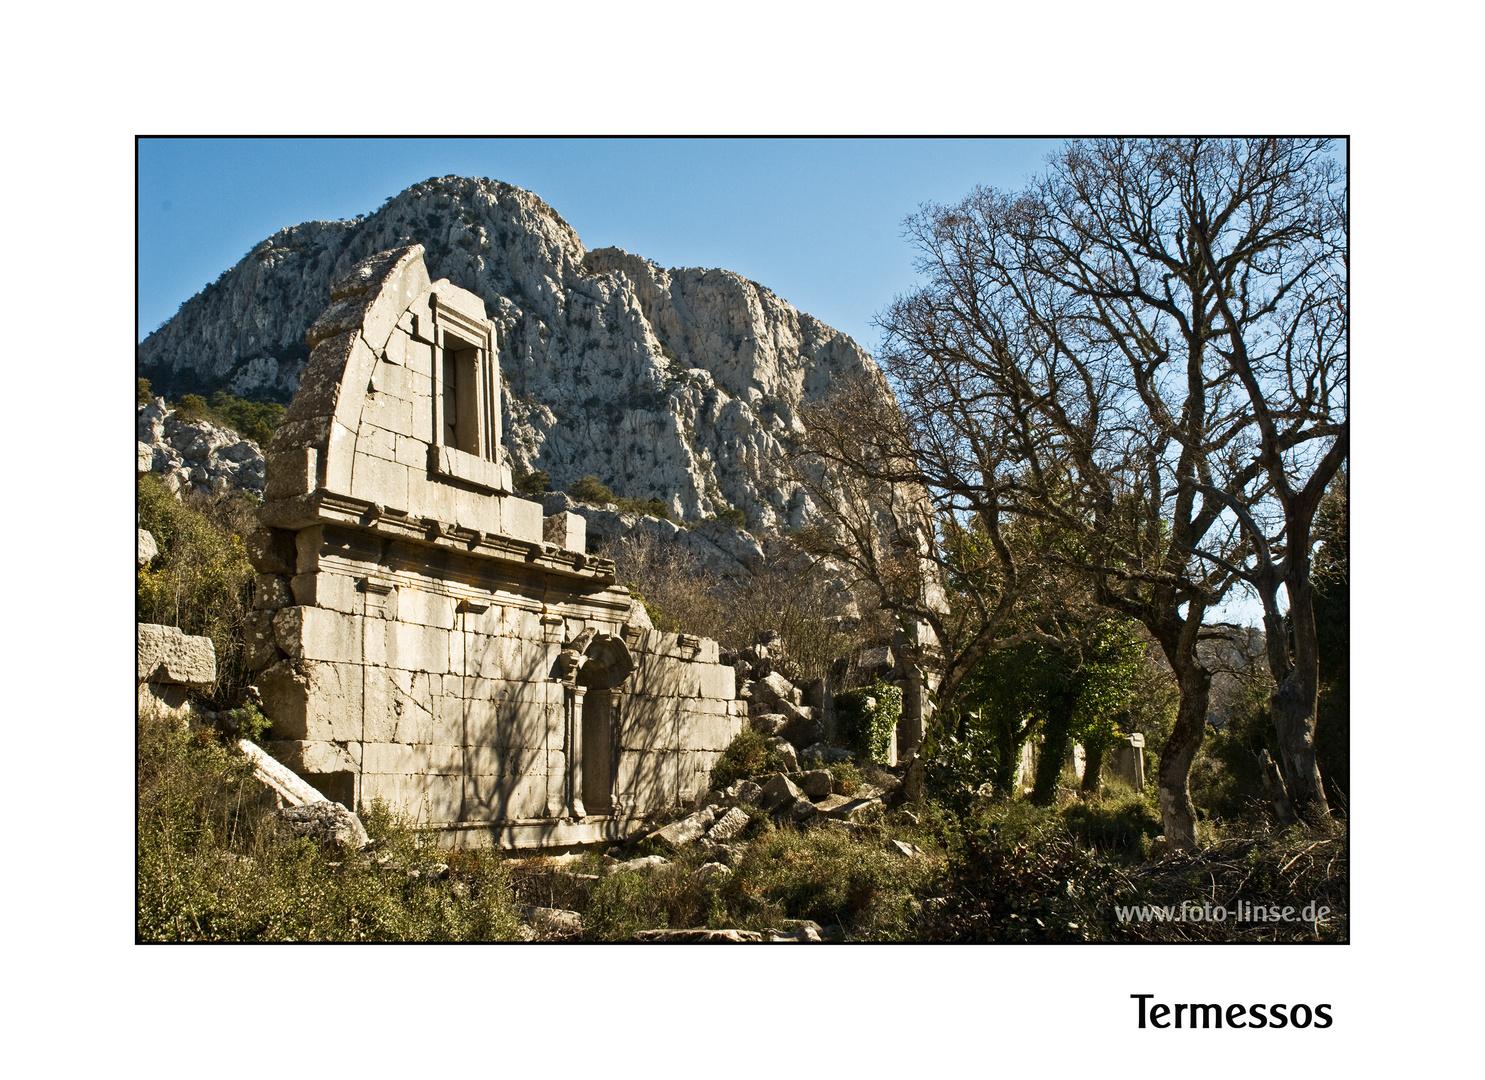 Die Bäder von Termessos